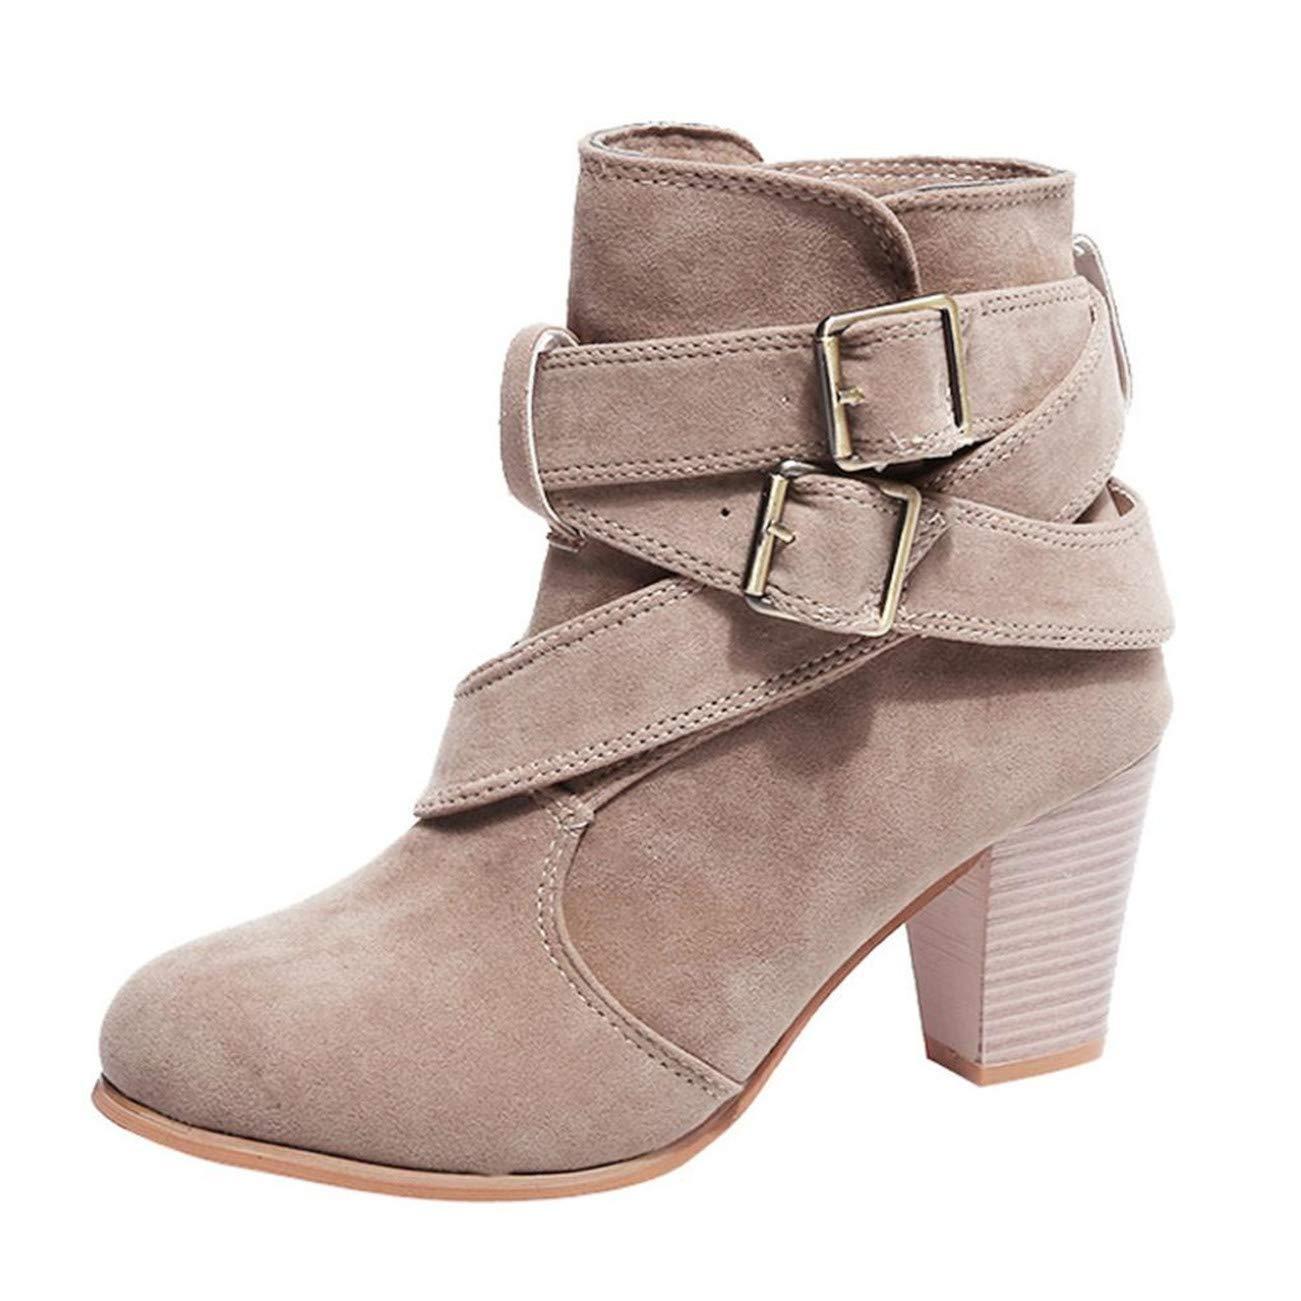 Chaussures Femme Femmes Occasionnels Boucle Sangle Chaussures Martan Boots Suede Bottines Bottines à Talons Hauts HCFKJ-Js